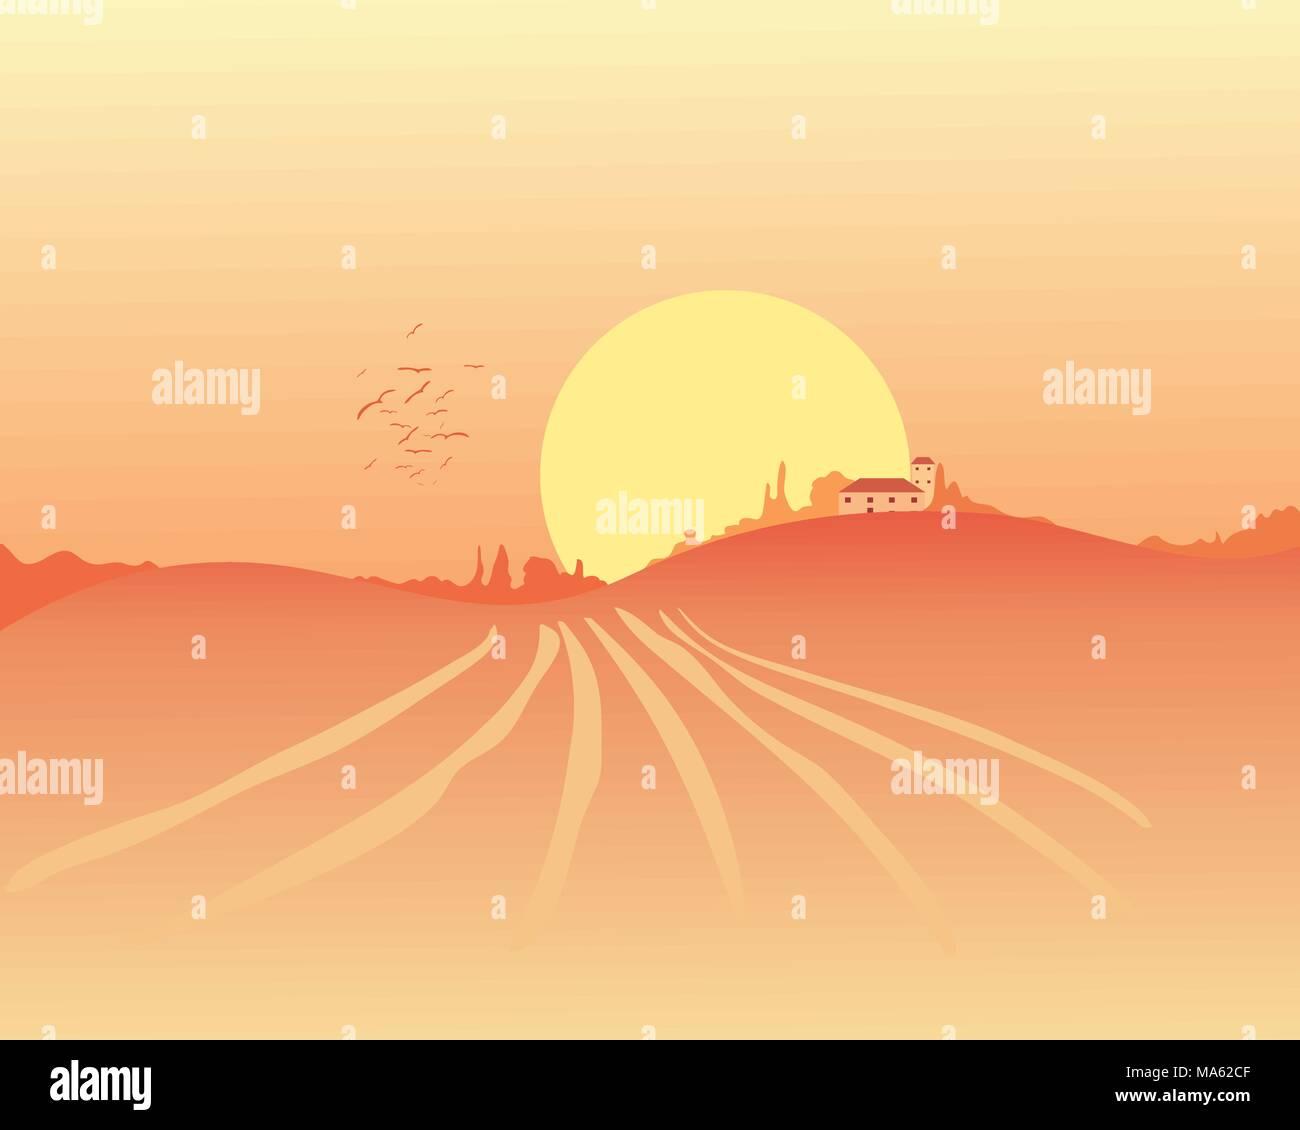 Una illustrazione vettoriale in formato eps formato 10 di una golden harvest paesaggio con casa colonica e alberi sotto un caldo sole giallo in tarda estate Immagini Stock